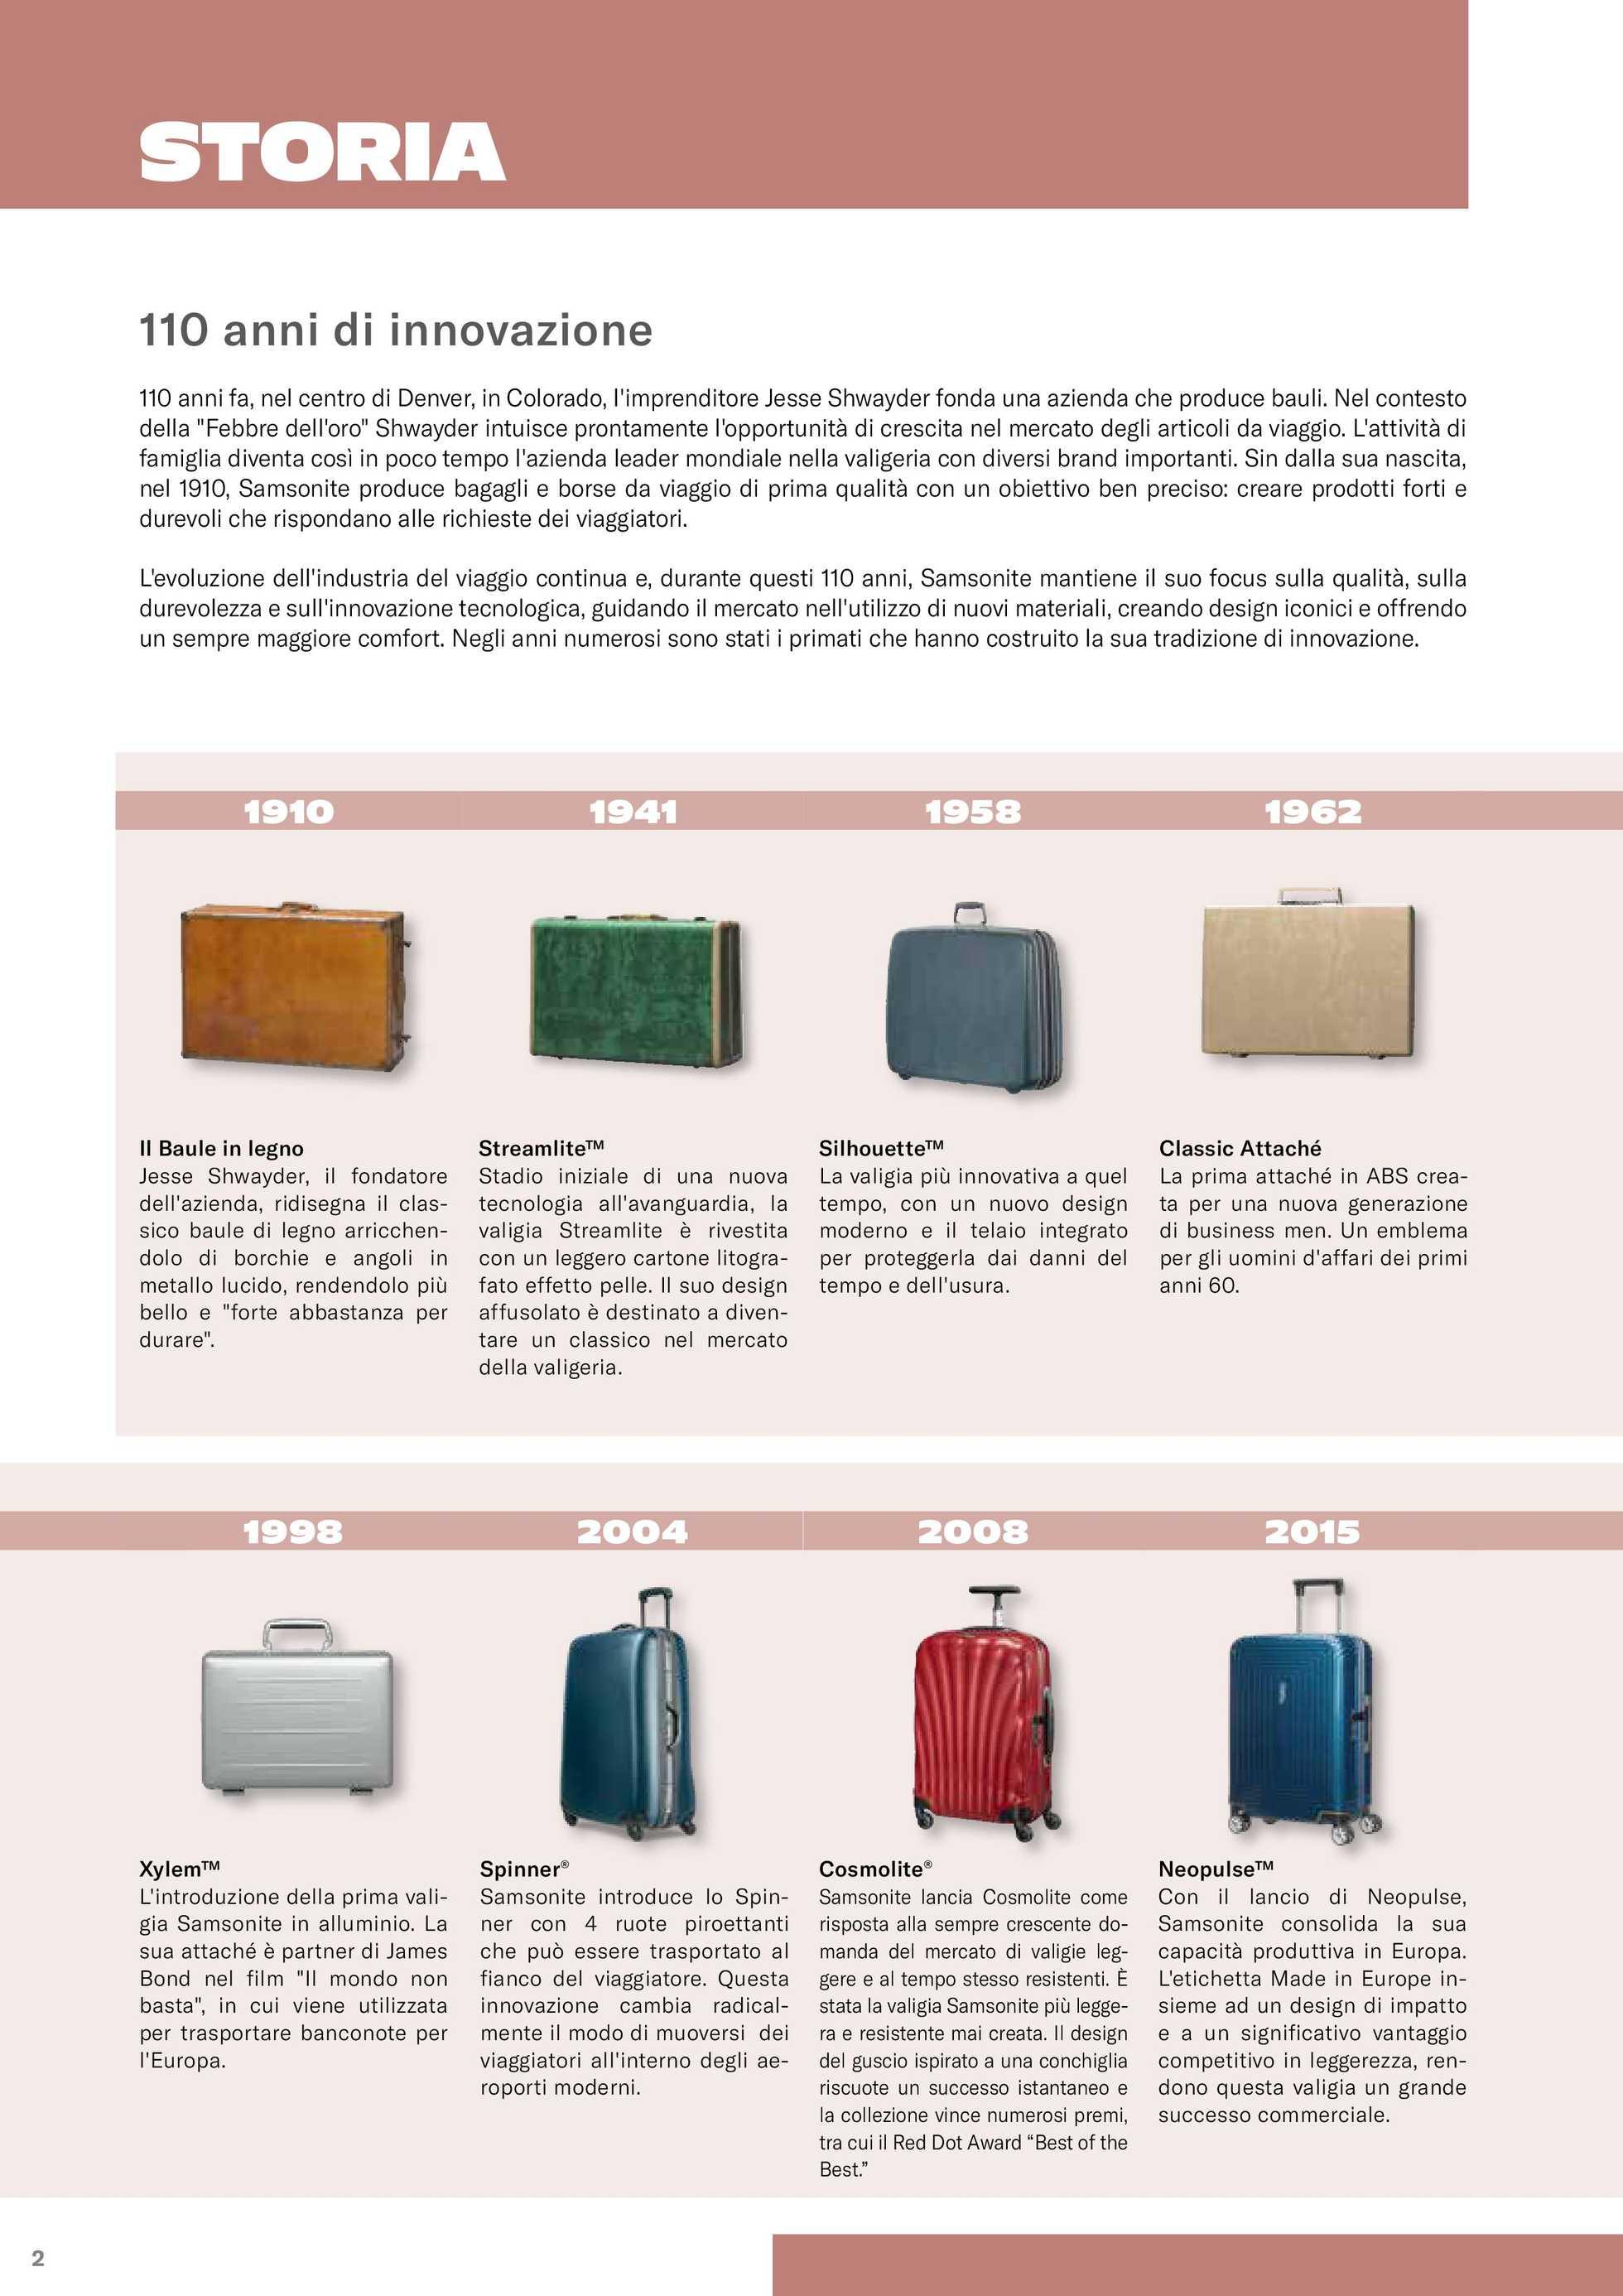 Samsonite - offerte valide dal 01.03.2020 al 31.12.2020 - pagina 4.